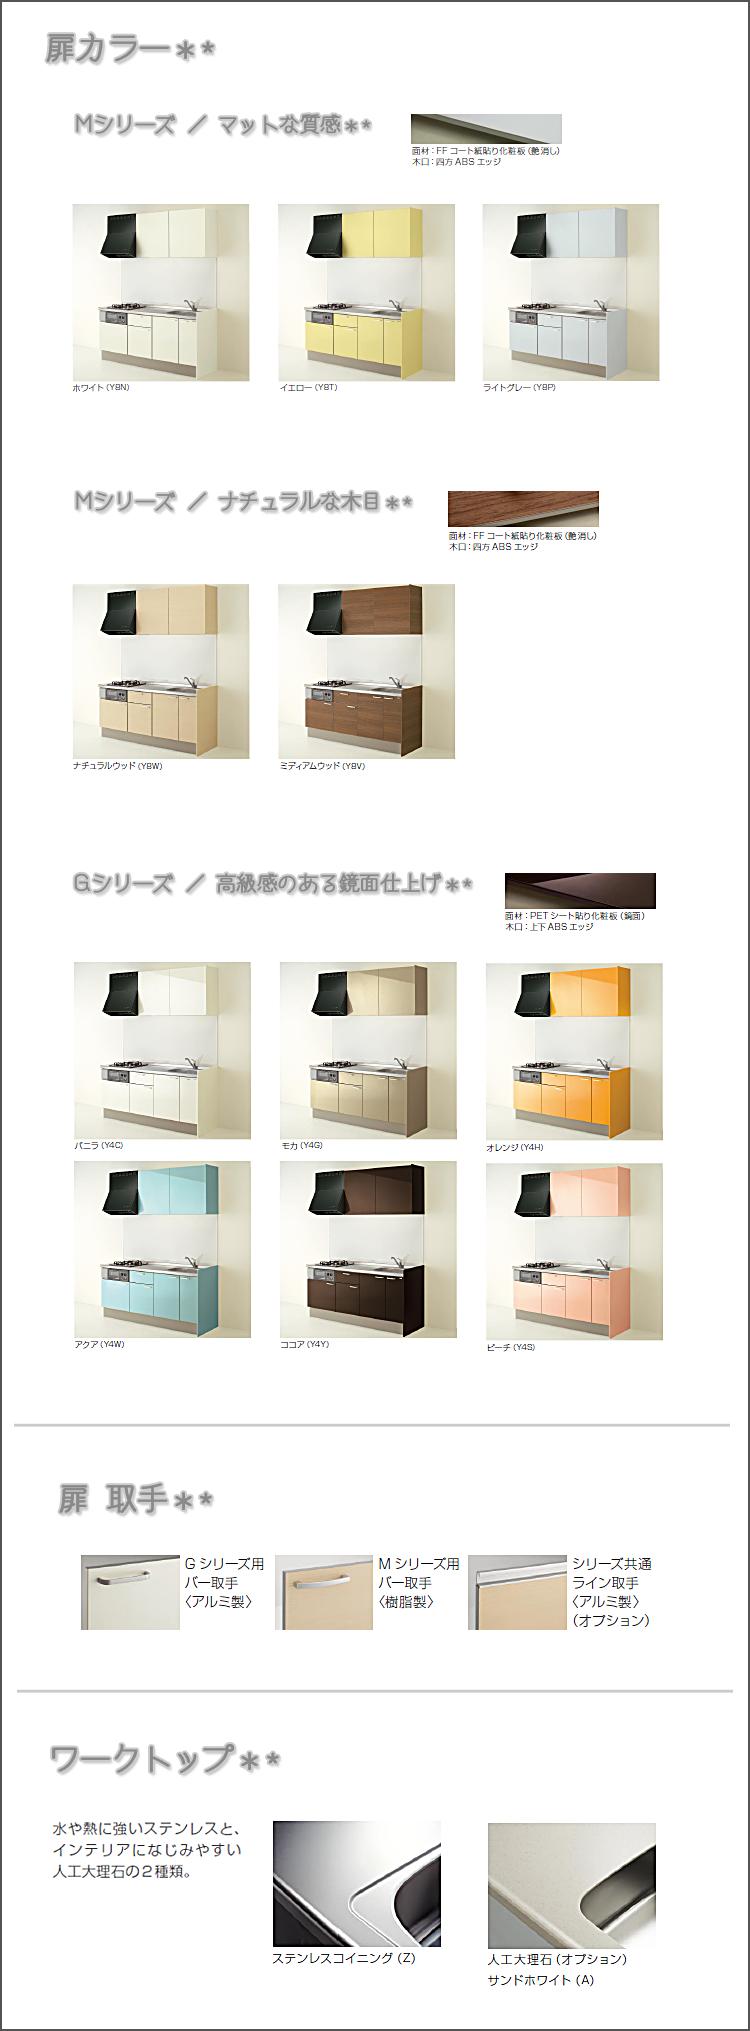 クリナップ/コルティ 商品バリエーション